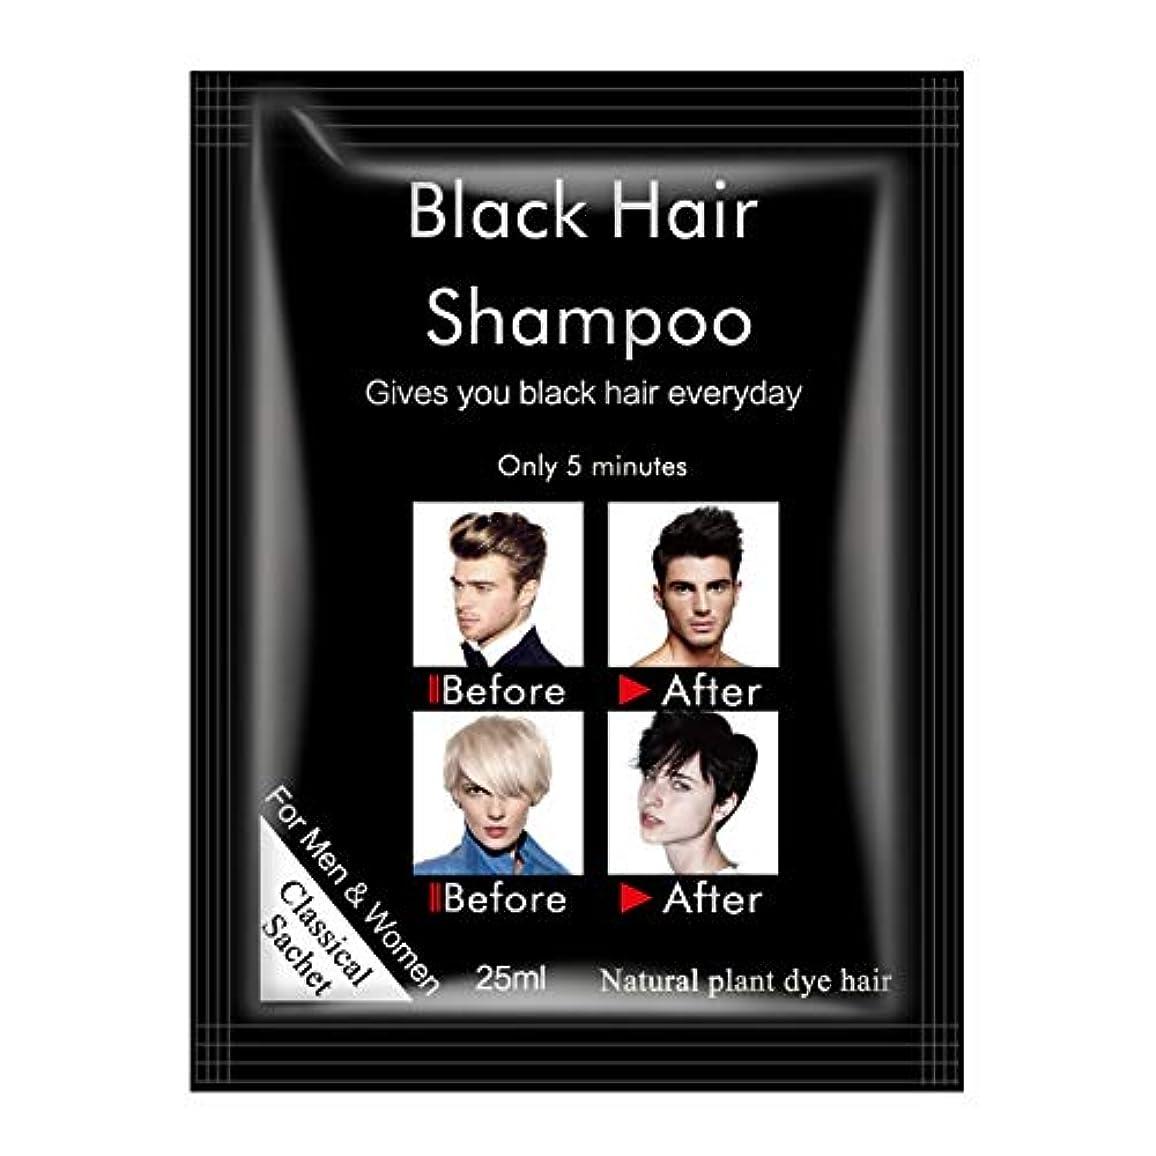 非アクティブ極端なアルミニウム刺激なし染毛剤 シャンプー 速い着色 カラーシャンプー ファーストカラーリング 頭皮ケアシャンプー 育毛シャンプー Cutelove